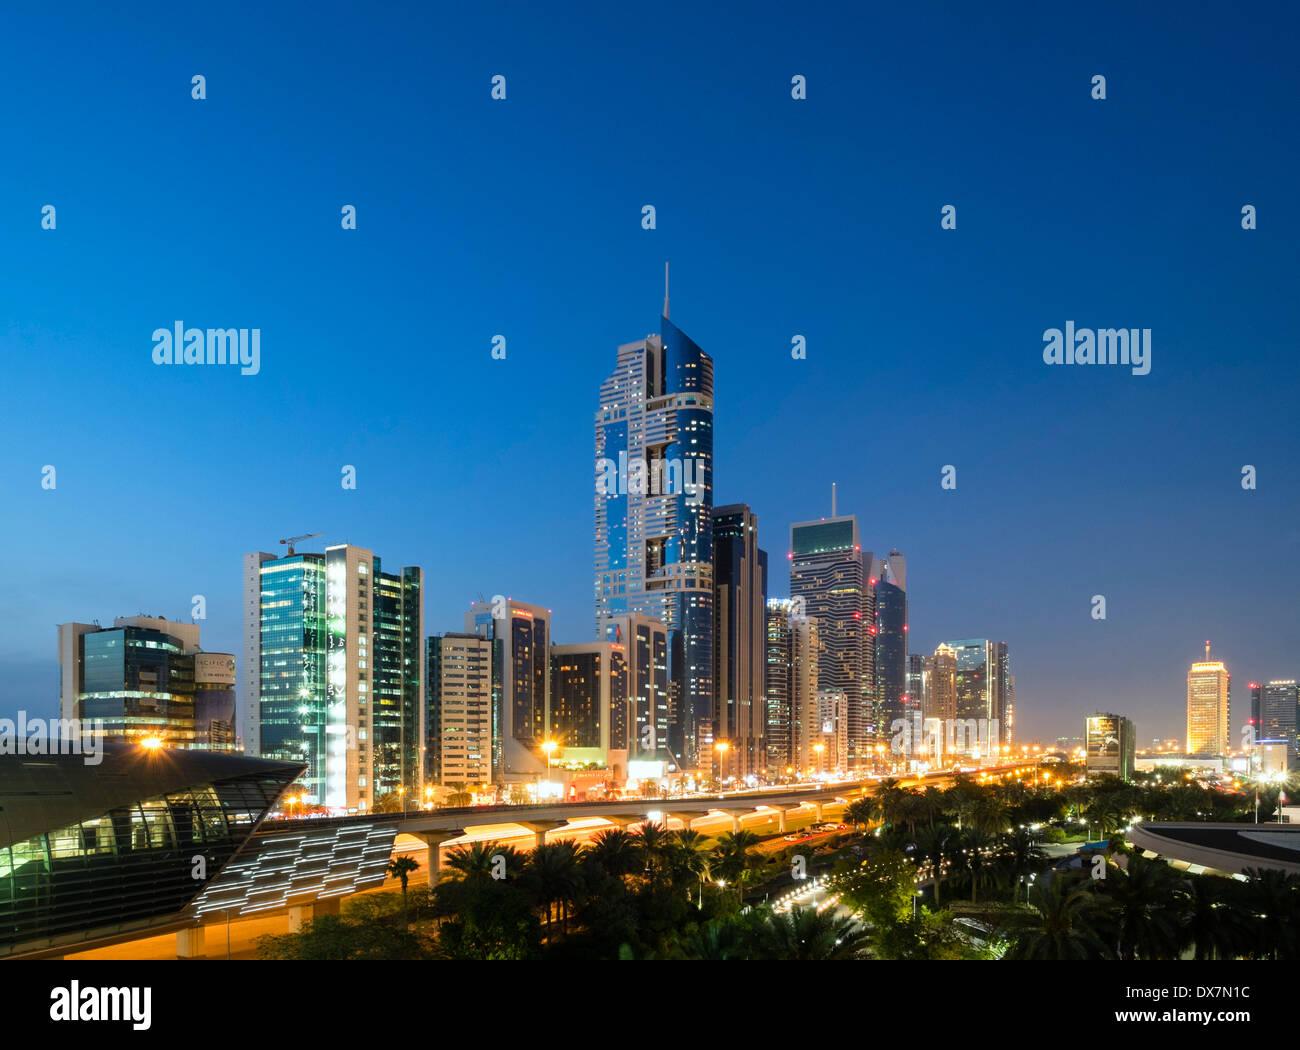 Abenddämmerung Blick auf Skyline von Wolkenkratzern entlang der Sheikh Zayed Road in Dubai Vereinigte Arabische Emirate Stockbild